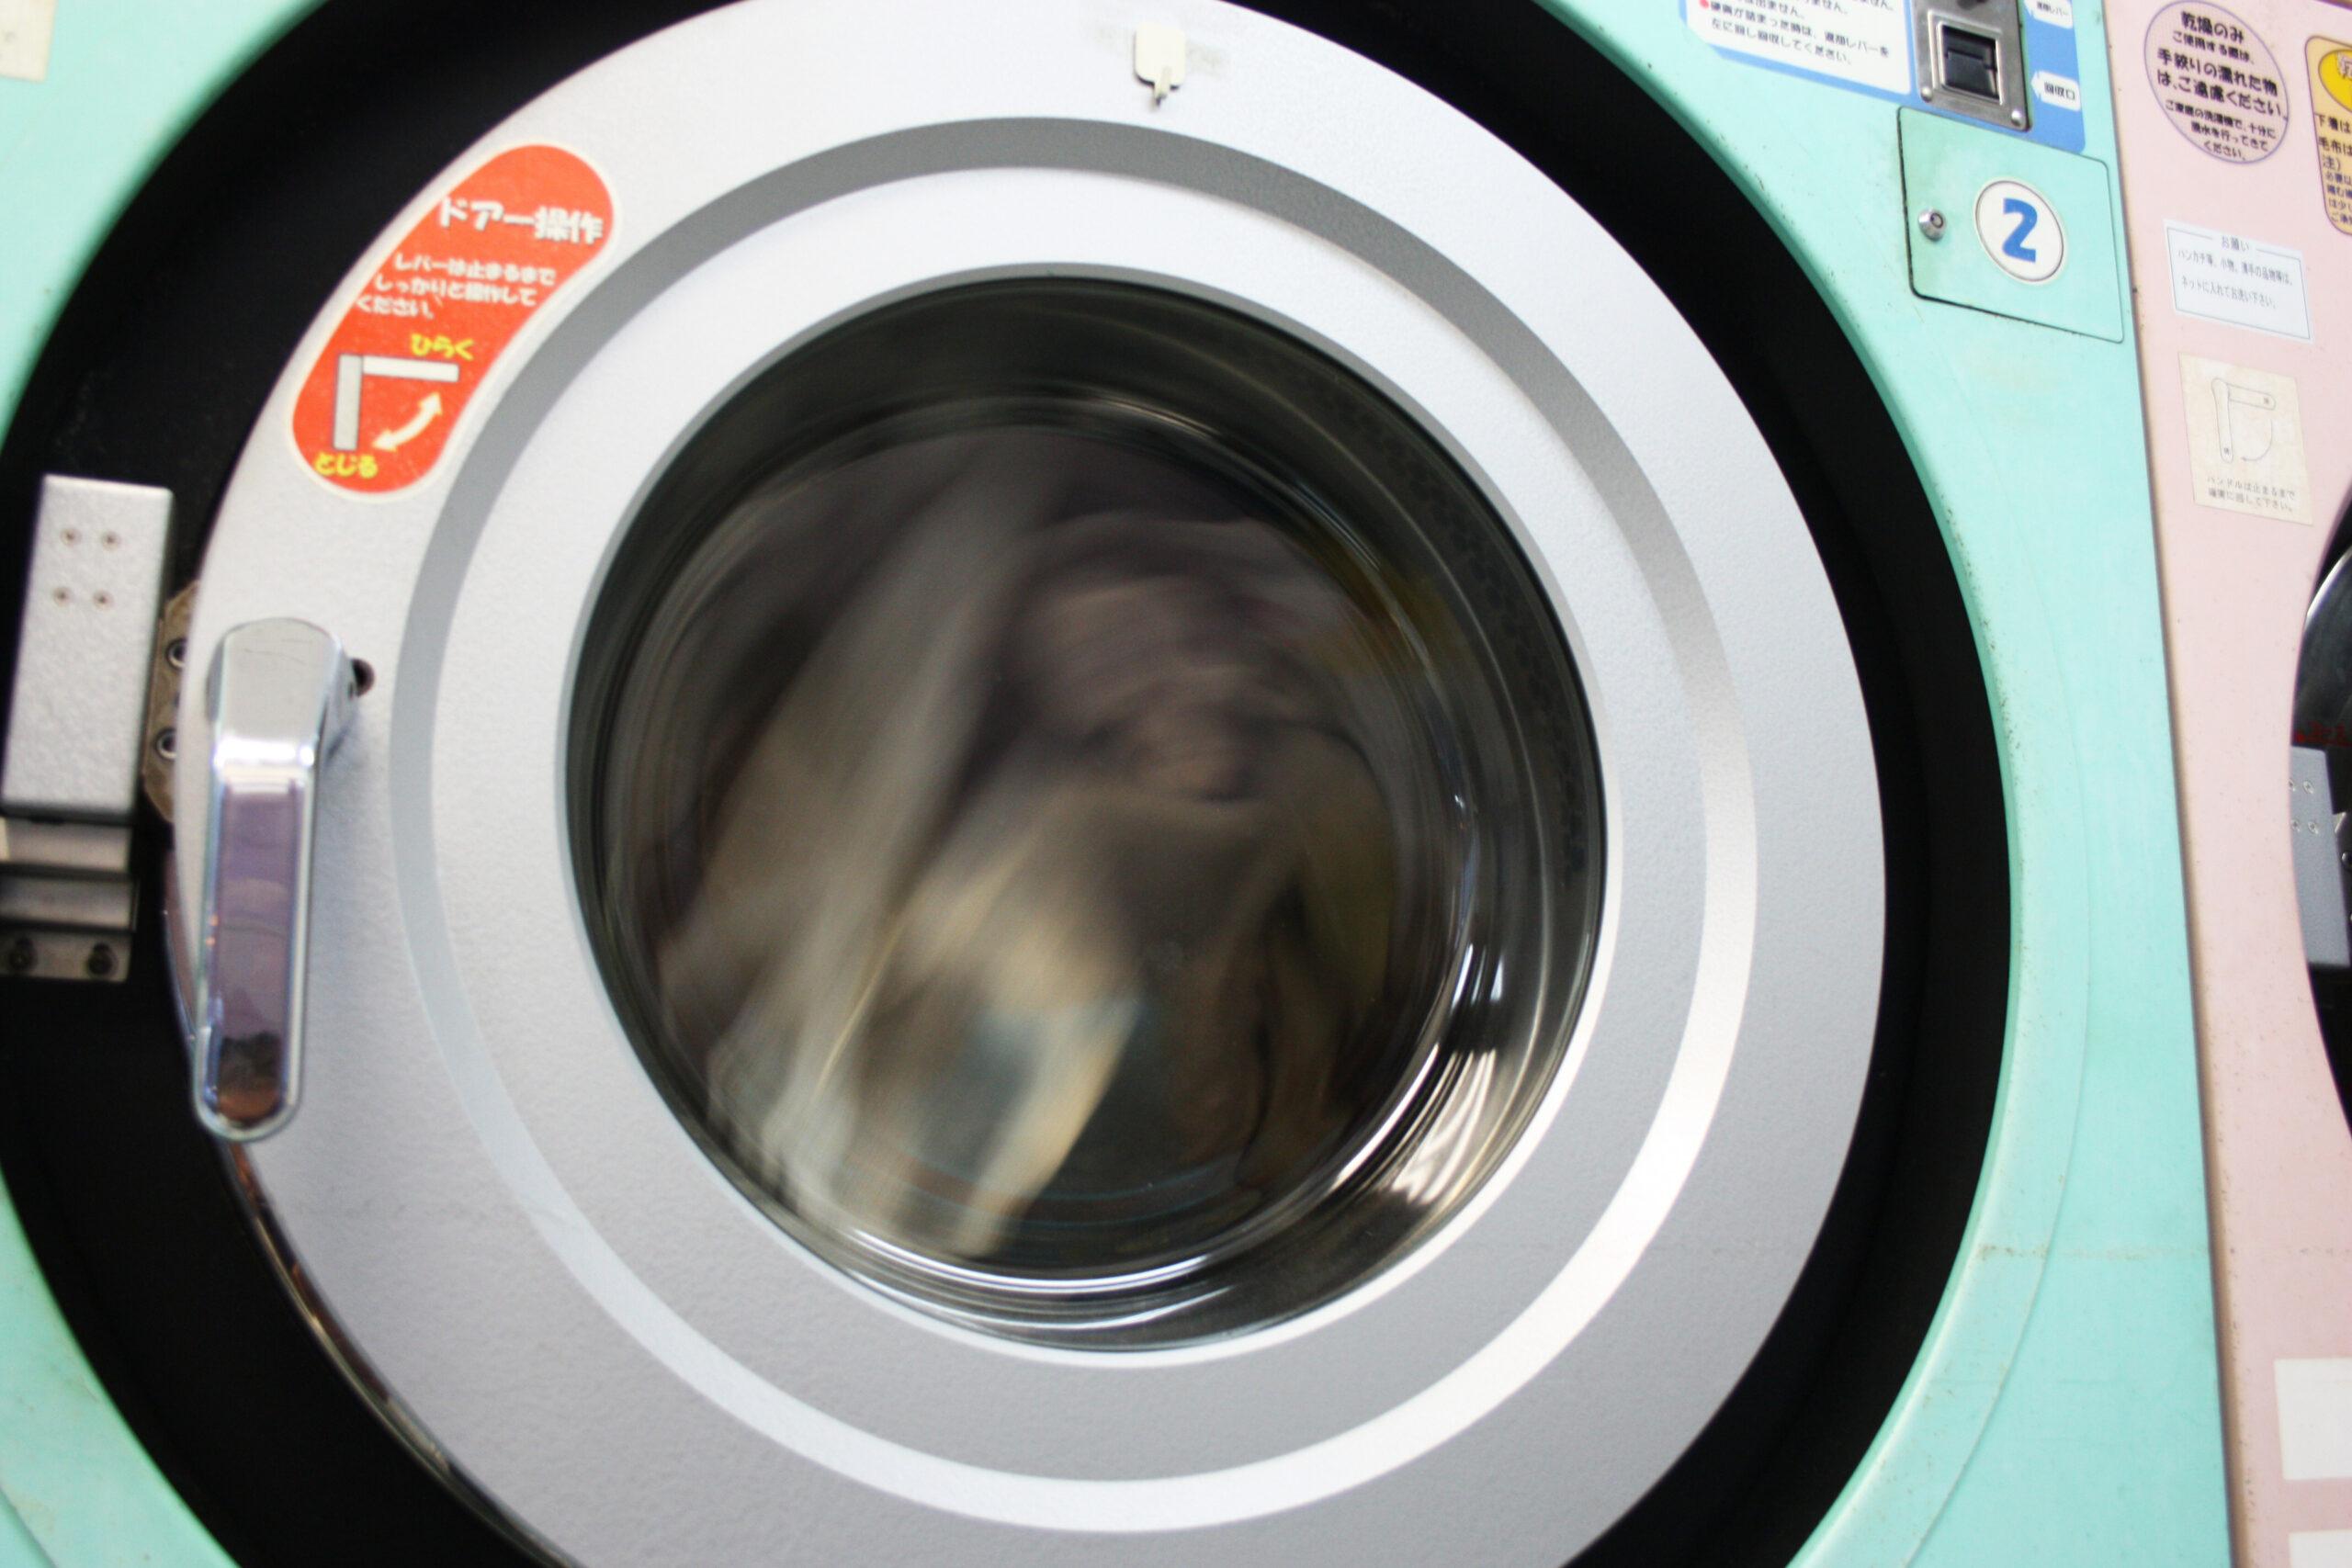 乾燥機を活用して干す場所をカット